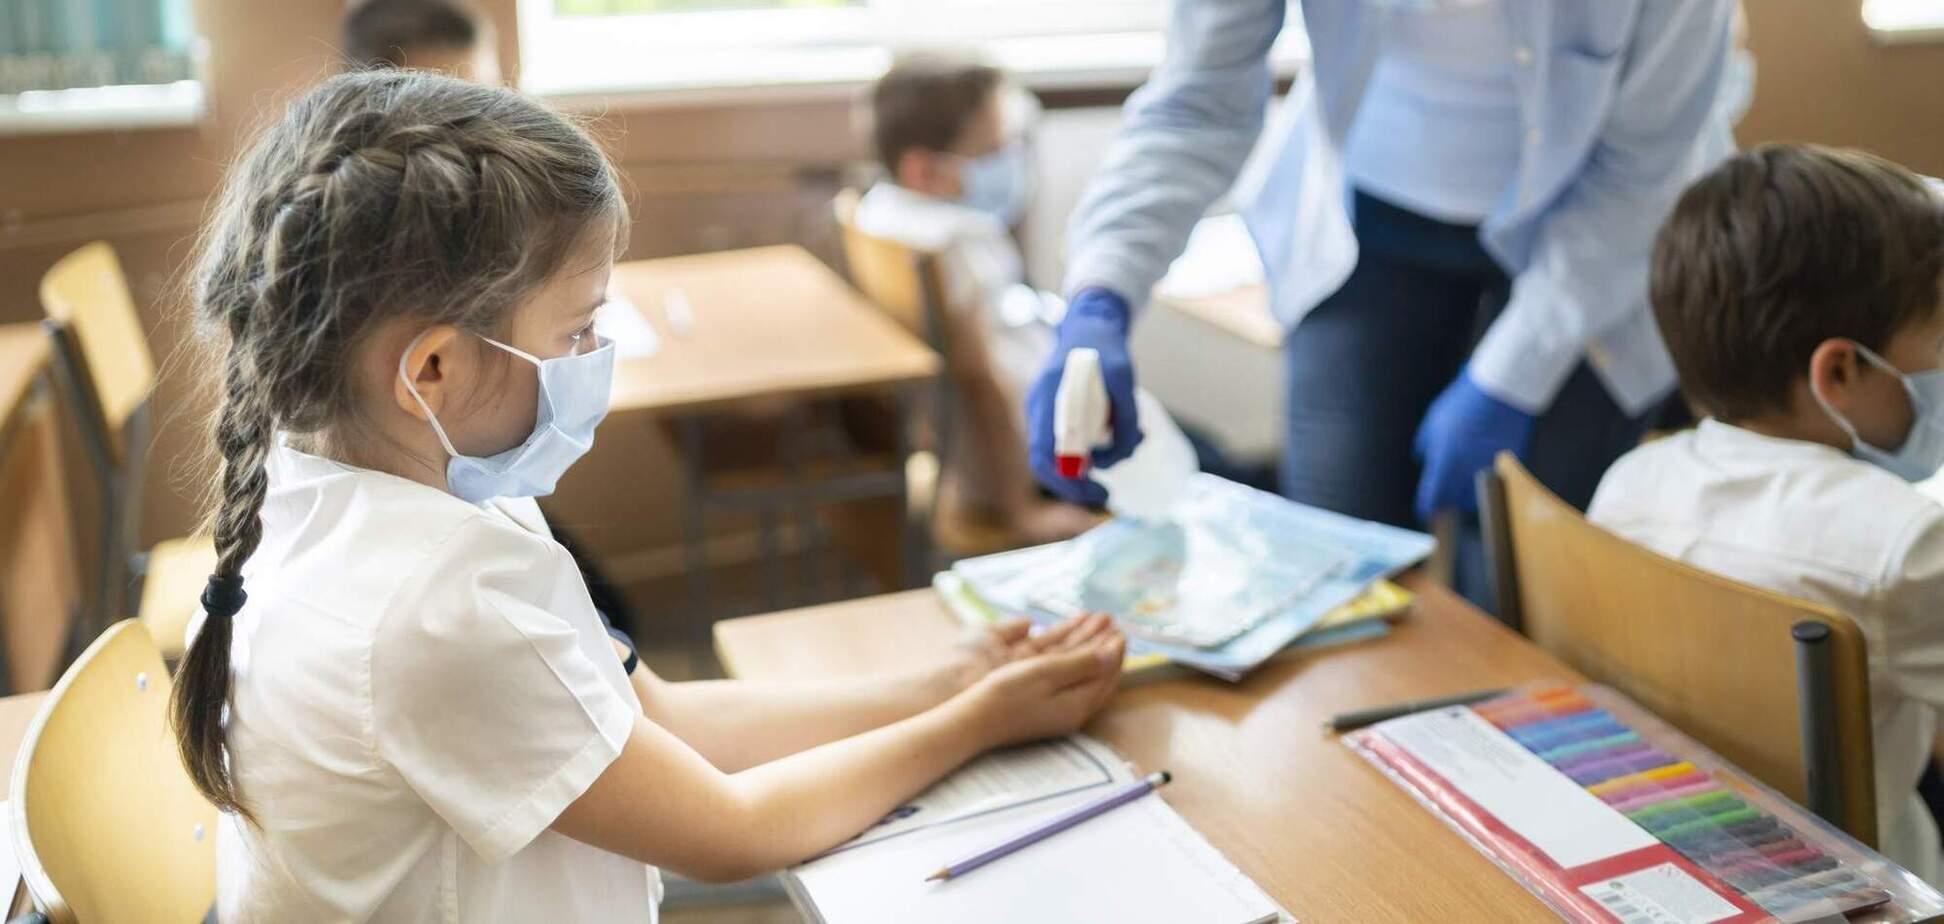 У школі Дніпра вчителя підхопили COVID-19: дітей відправили на карантин